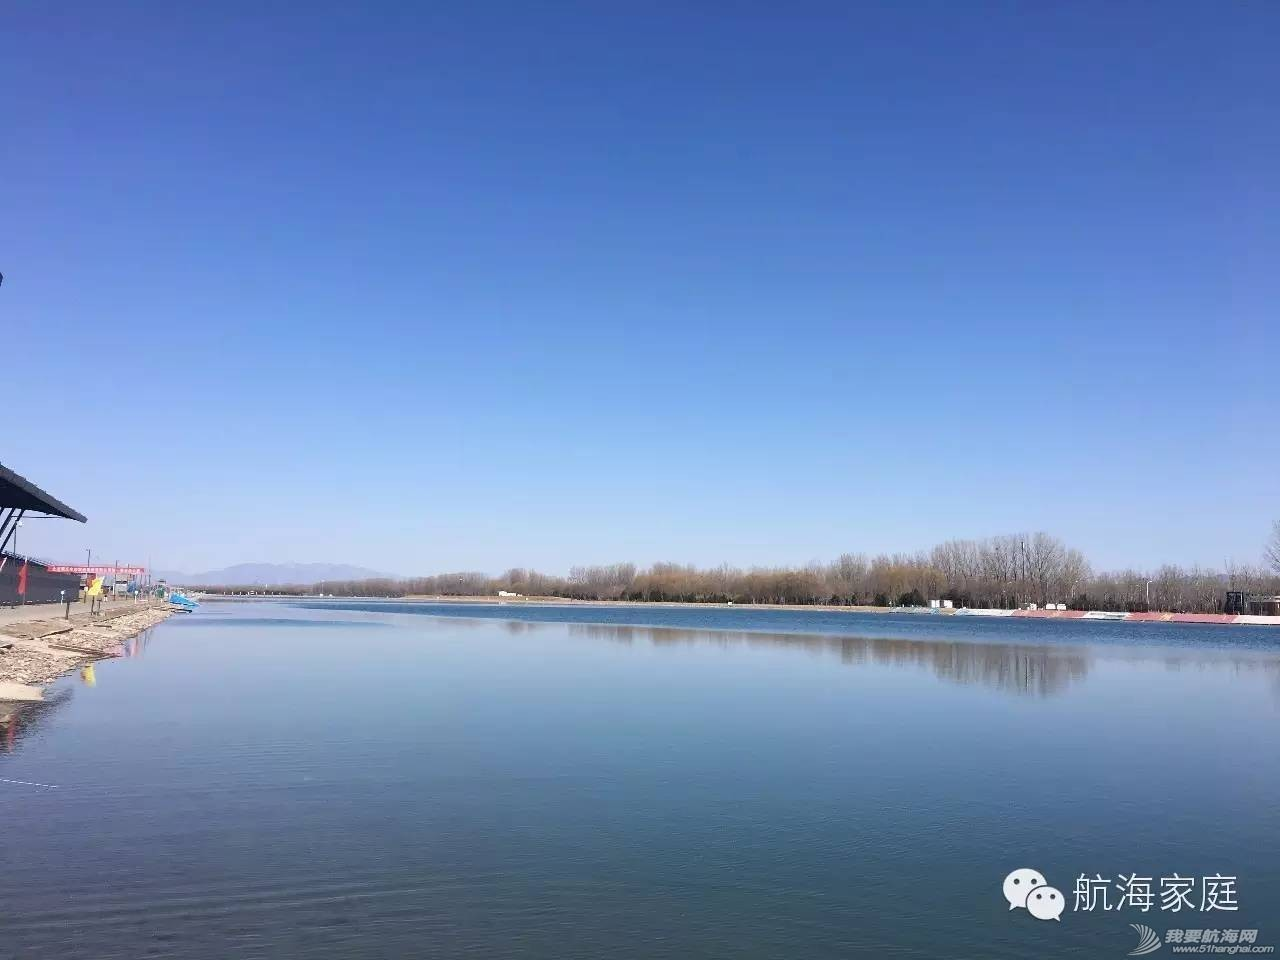 北京奥运会,水上项目,帆船运动,马拉松,俱乐部 「峰冒险」与它的伙伴们第一期:北京奥帆航海俱乐部 bd31905d28f492612d81a30c590a632d.jpg